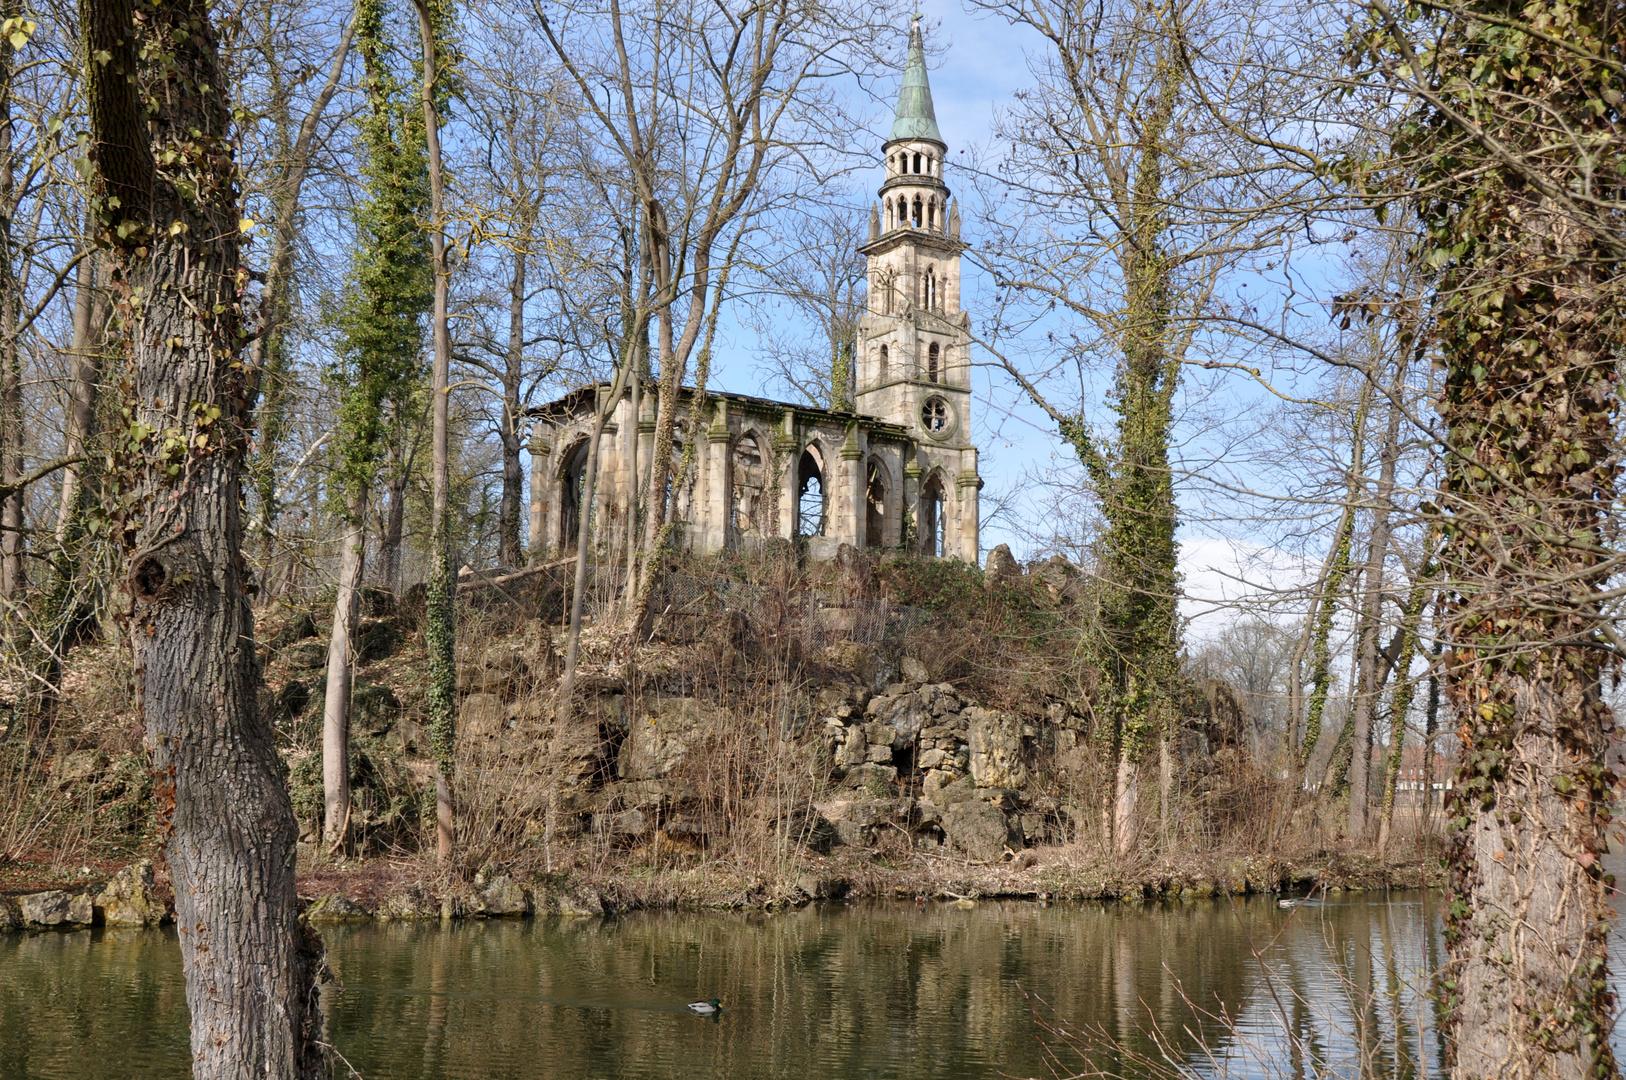 Alte Kapelle auf der Insel / Monrepos